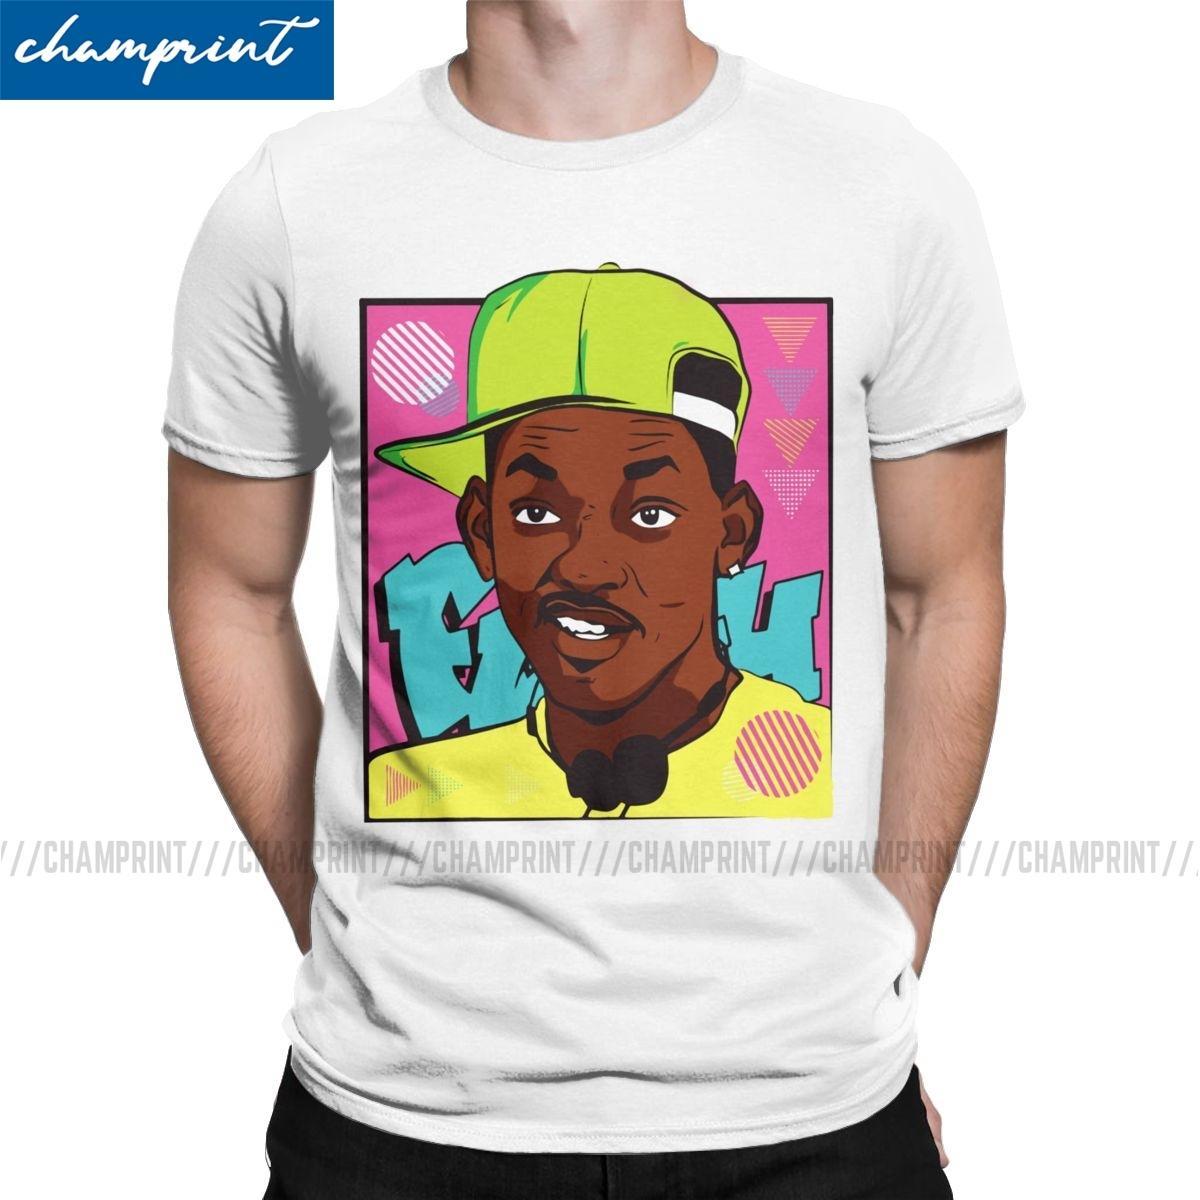 The Fresh Prince of Bel-Comédia aérea camisetas Homens Casual 100% Algodão Tees Crewneck manga curta camiseta aniversário Tops Presente